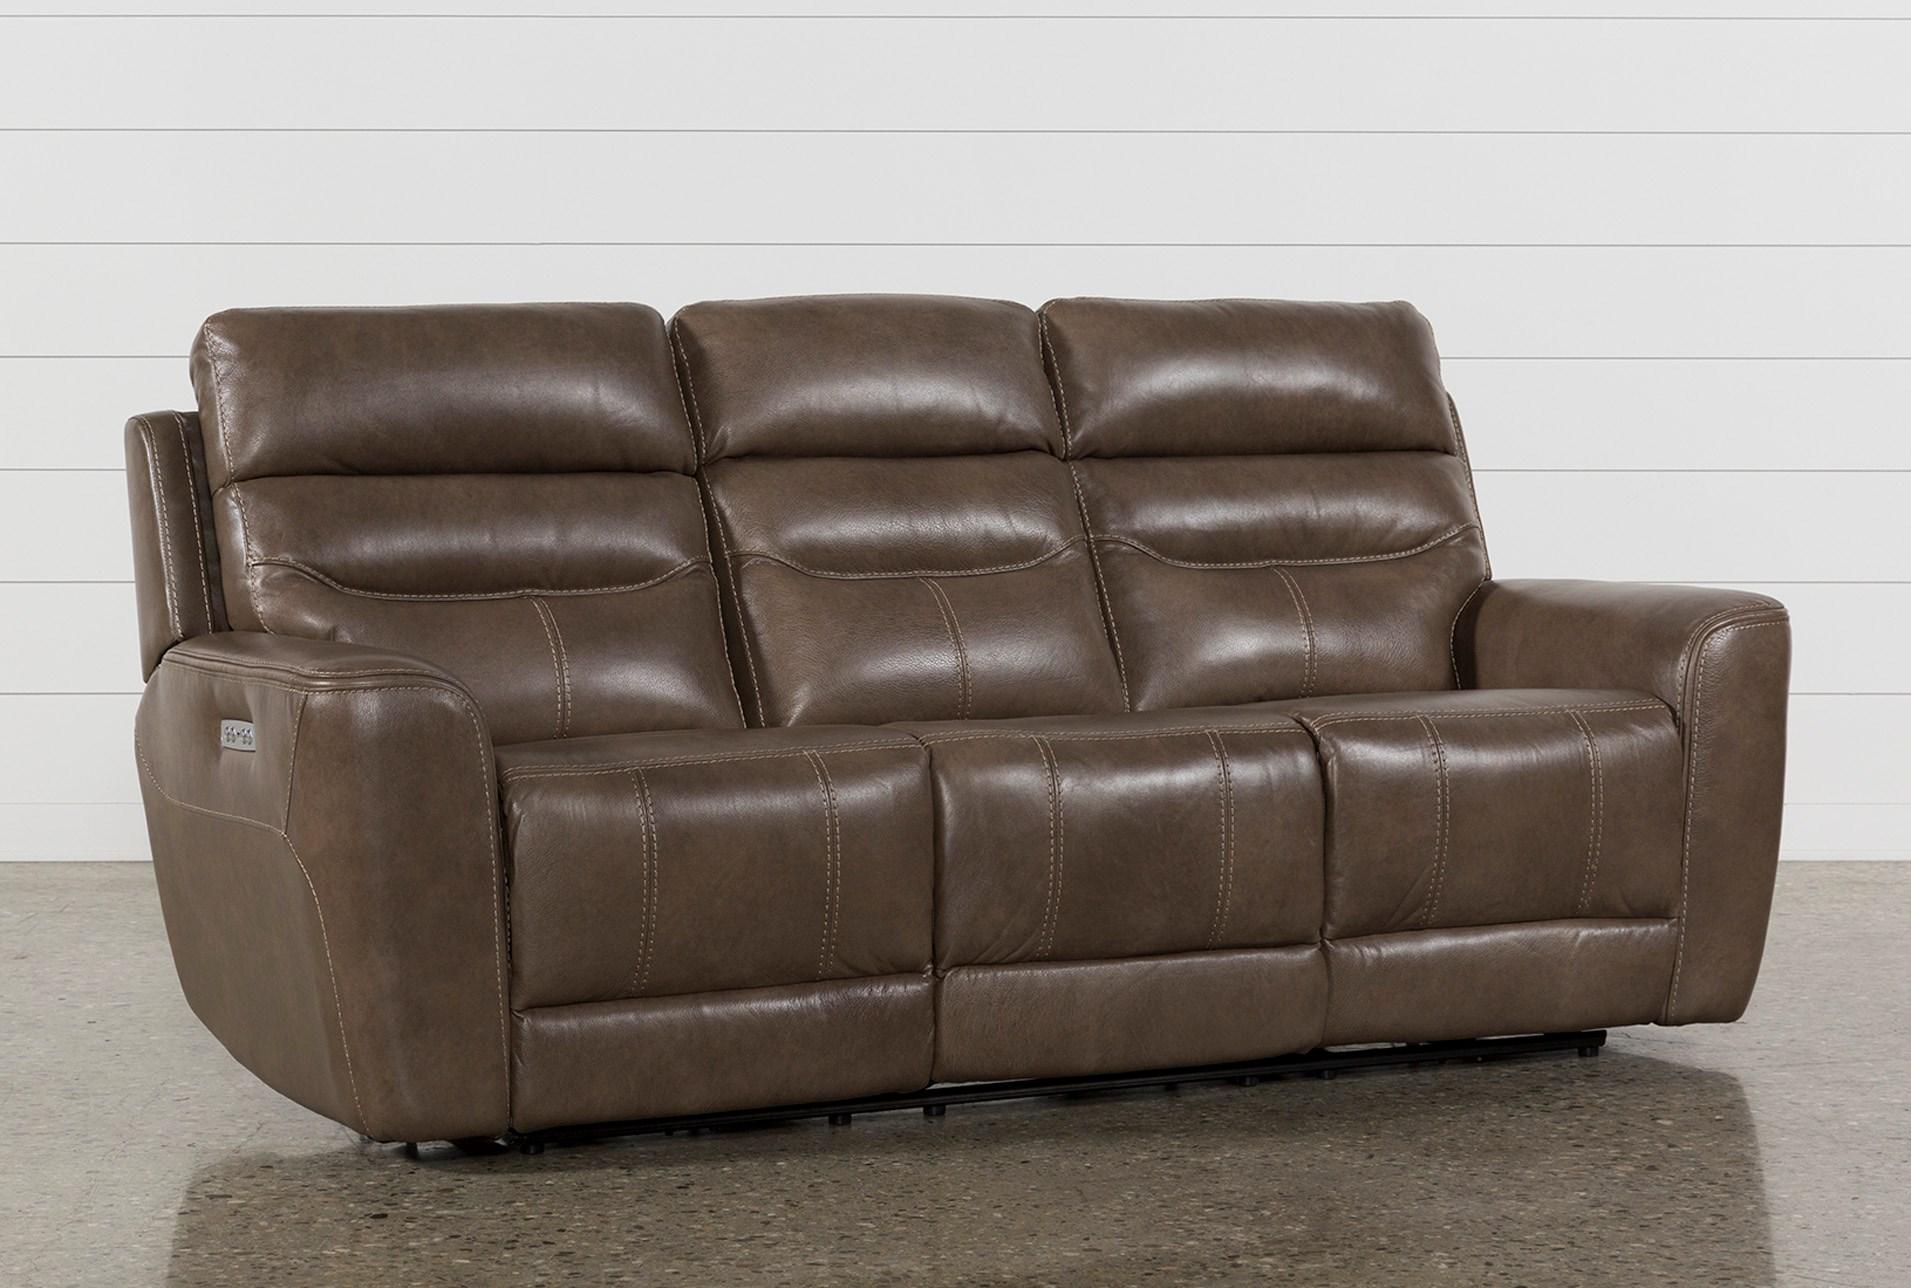 Cheyenne Mocha Leather Power Reclining Sofa W Pwr Headrest Drop